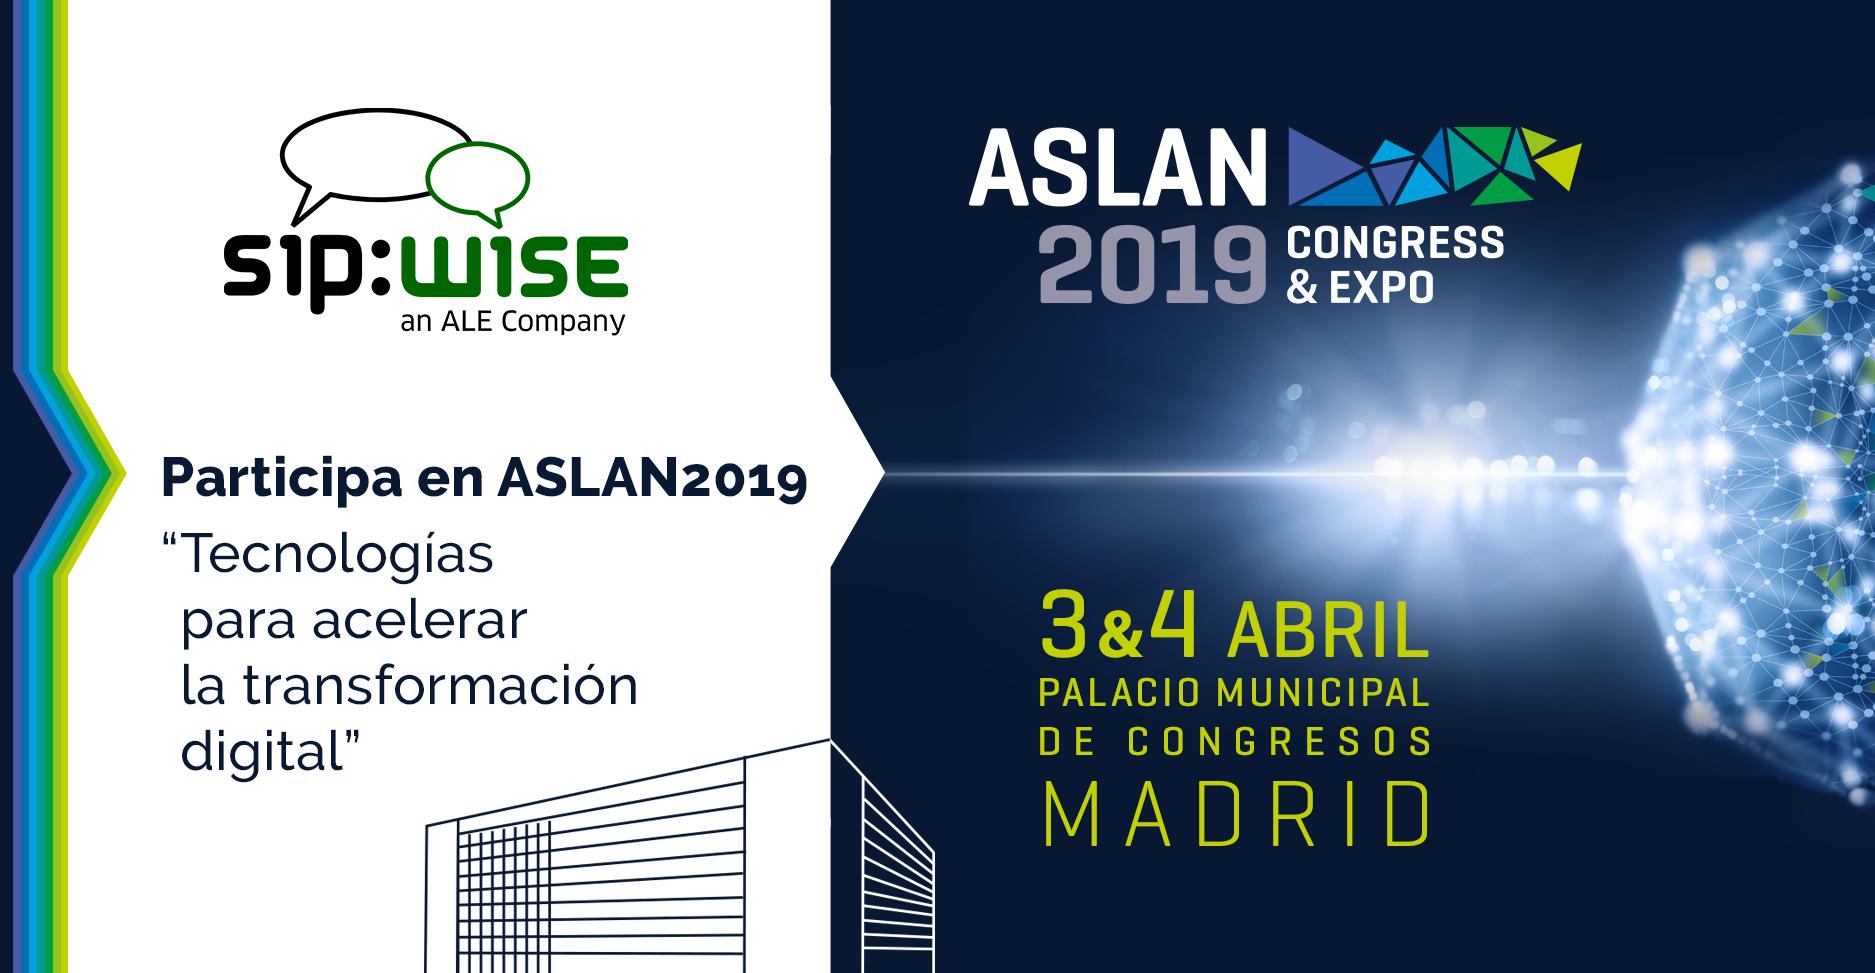 Aslan 2019 Congress & Expo